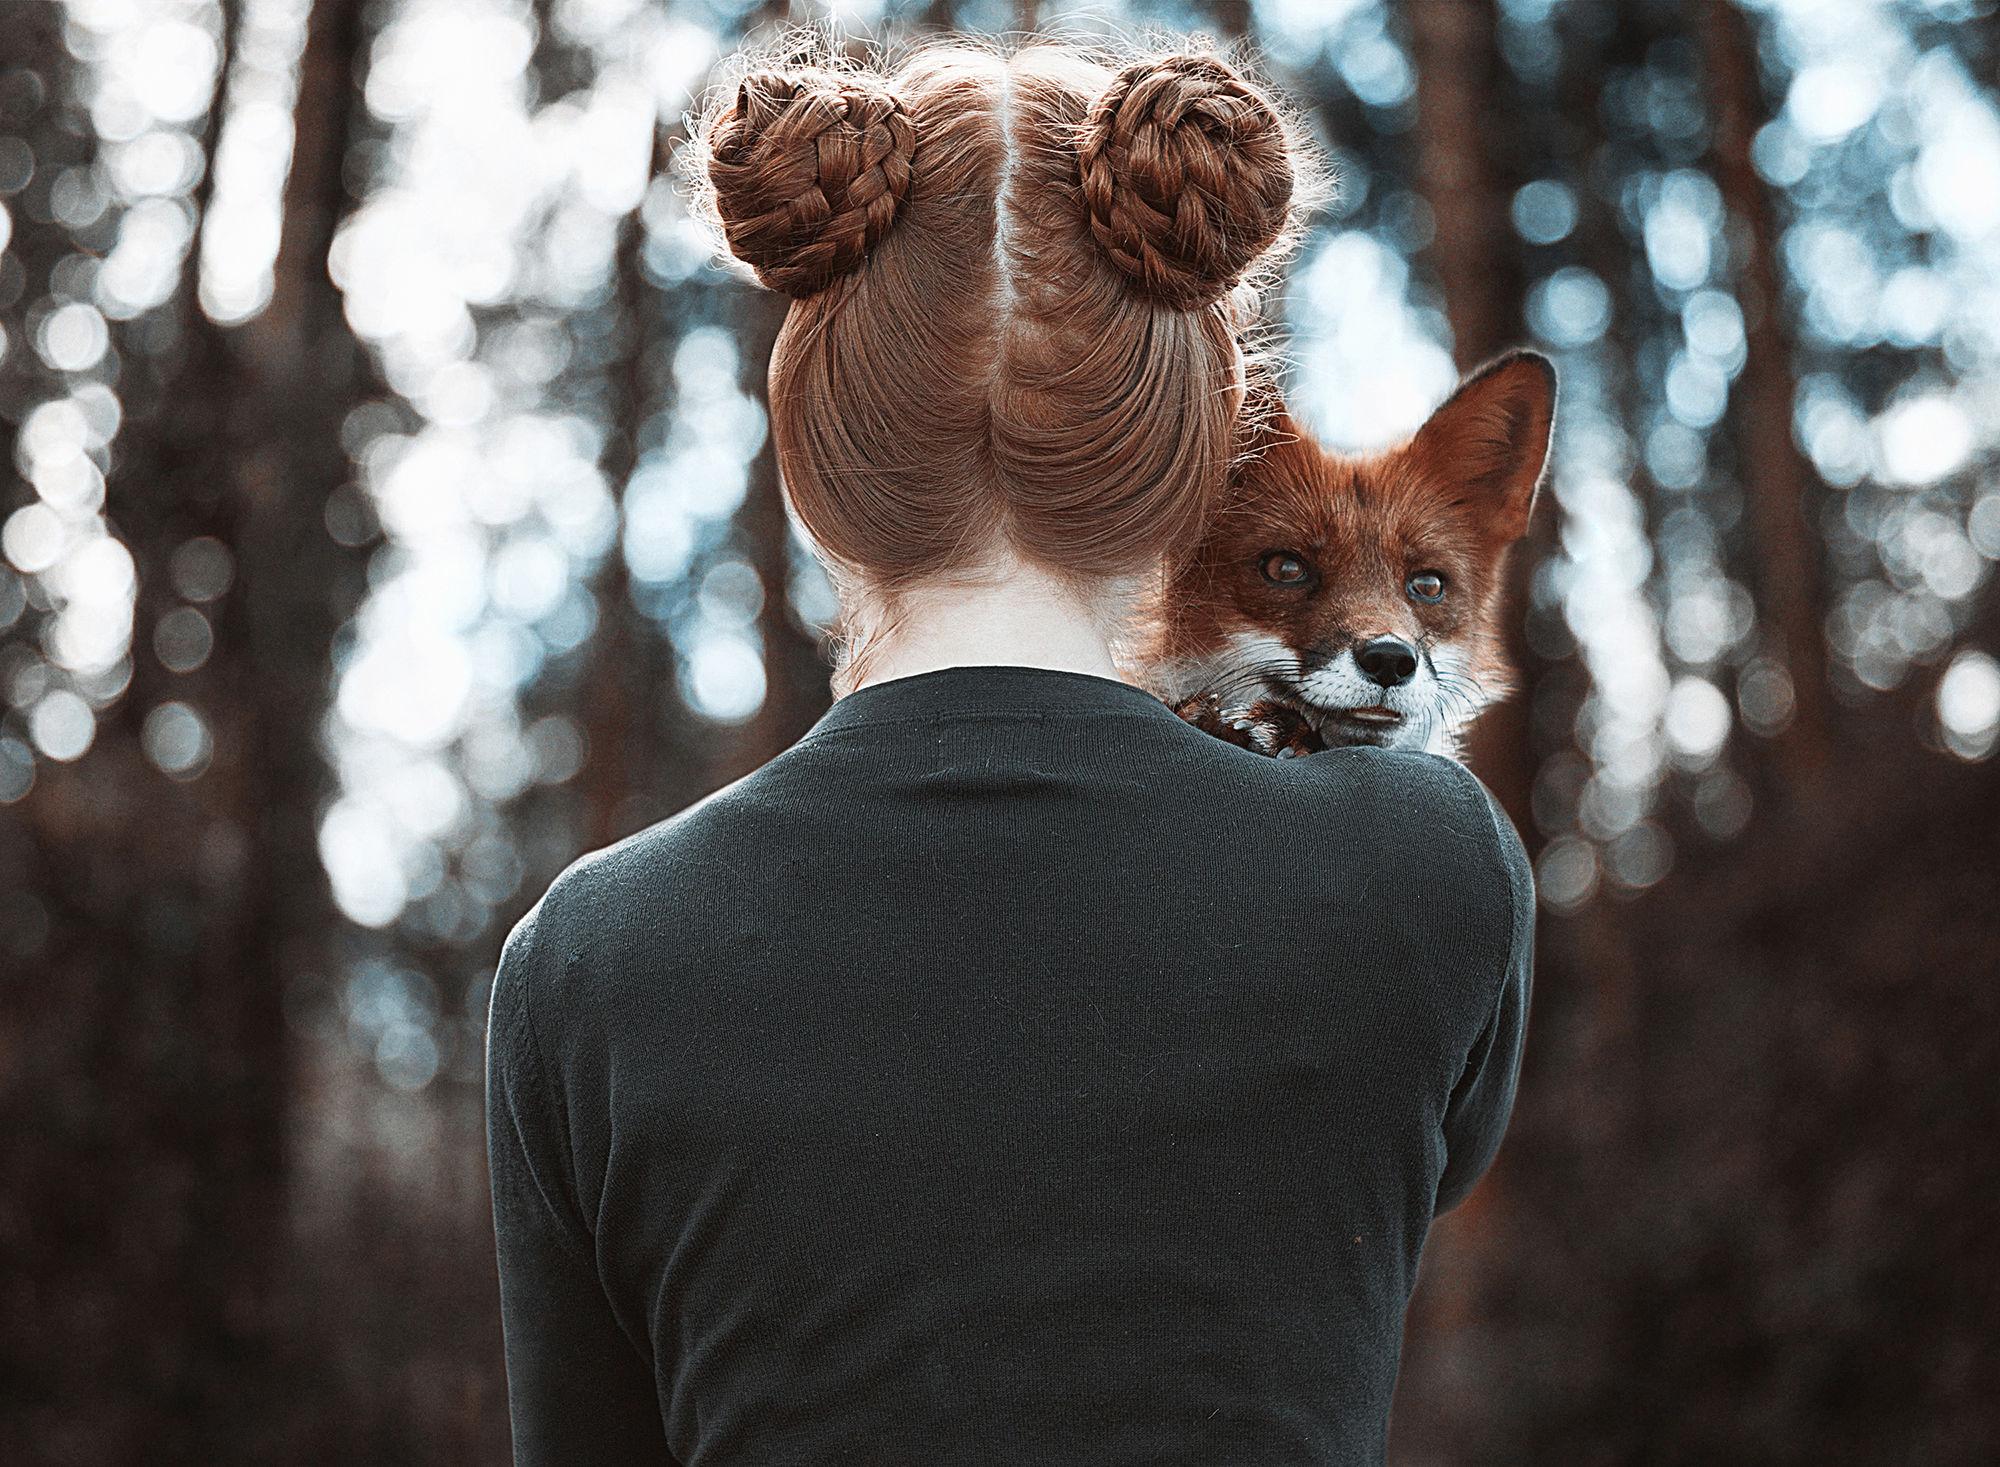 картинки на аву без людей и животных